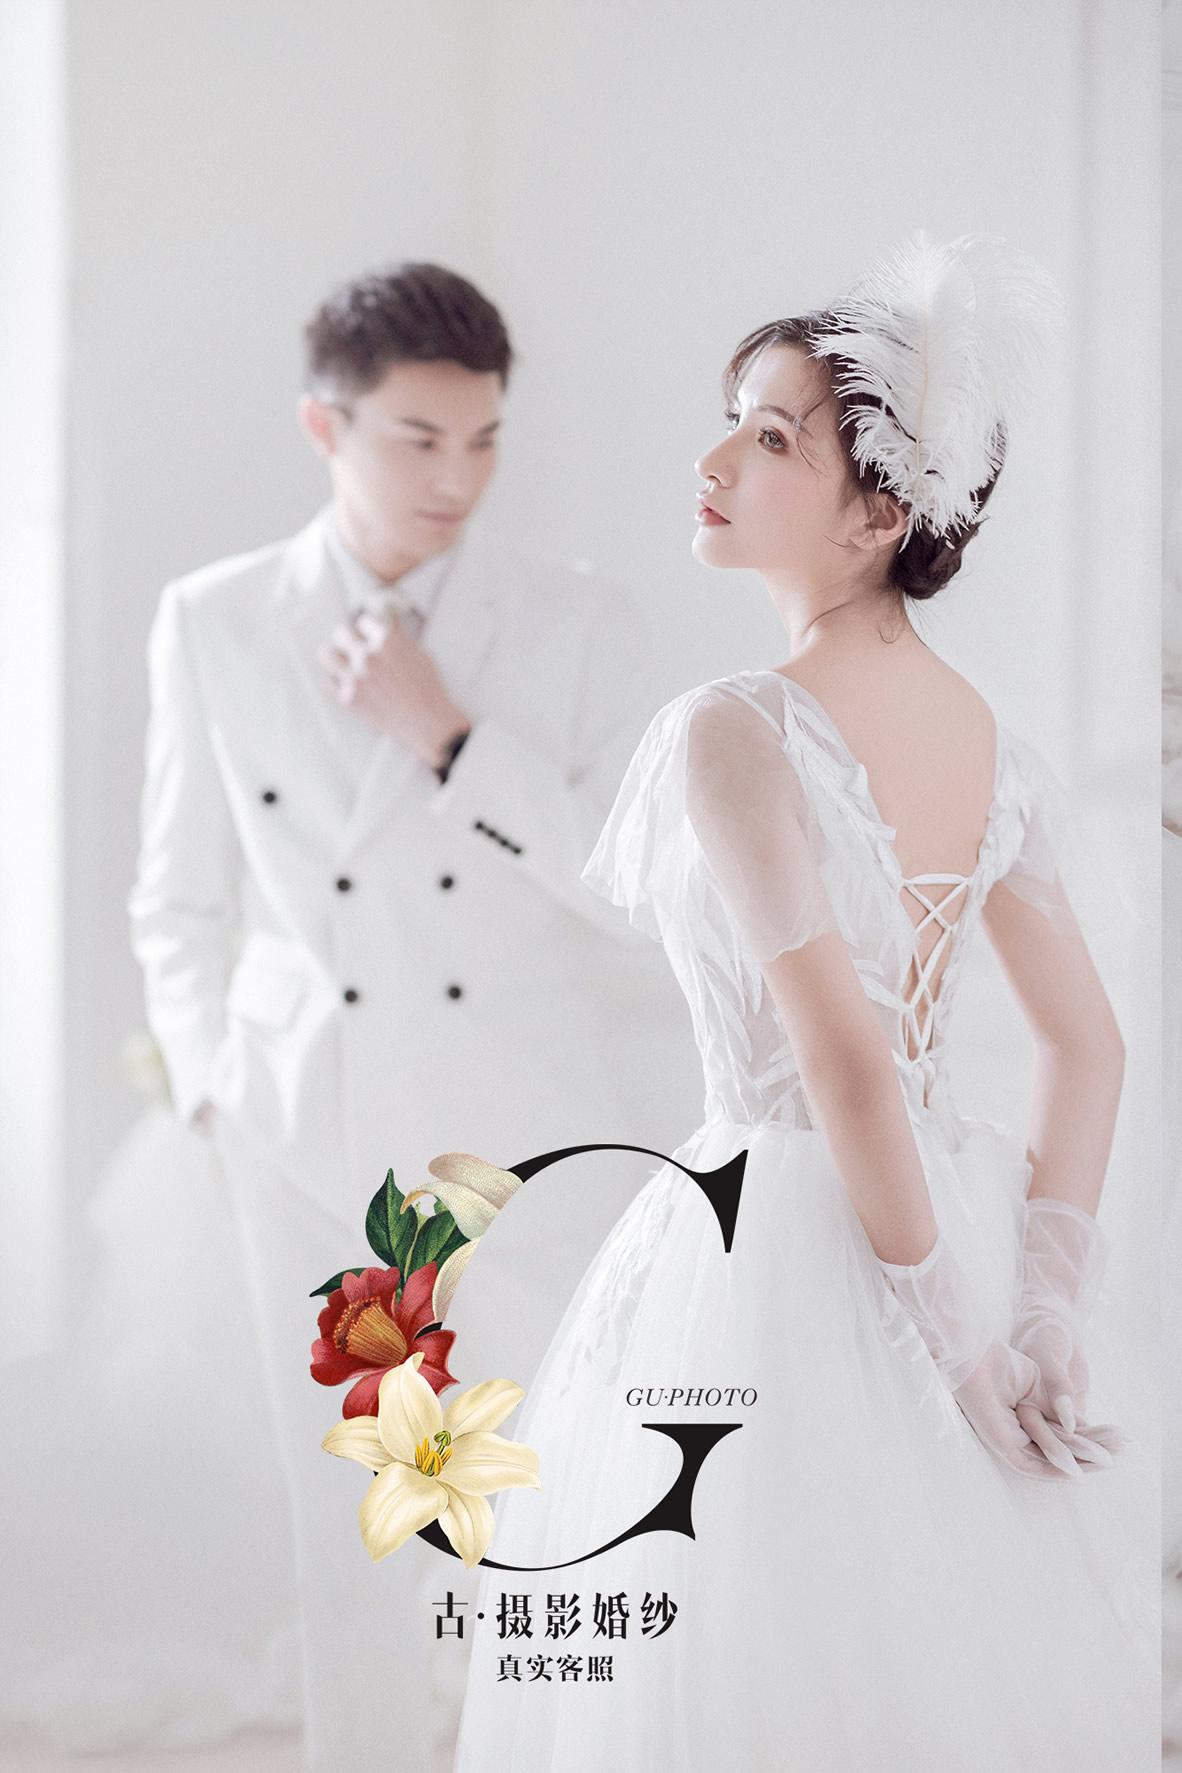 李先生 周小姐 - 每日客照 - 古摄影婚纱艺术-古摄影成都婚纱摄影艺术摄影网